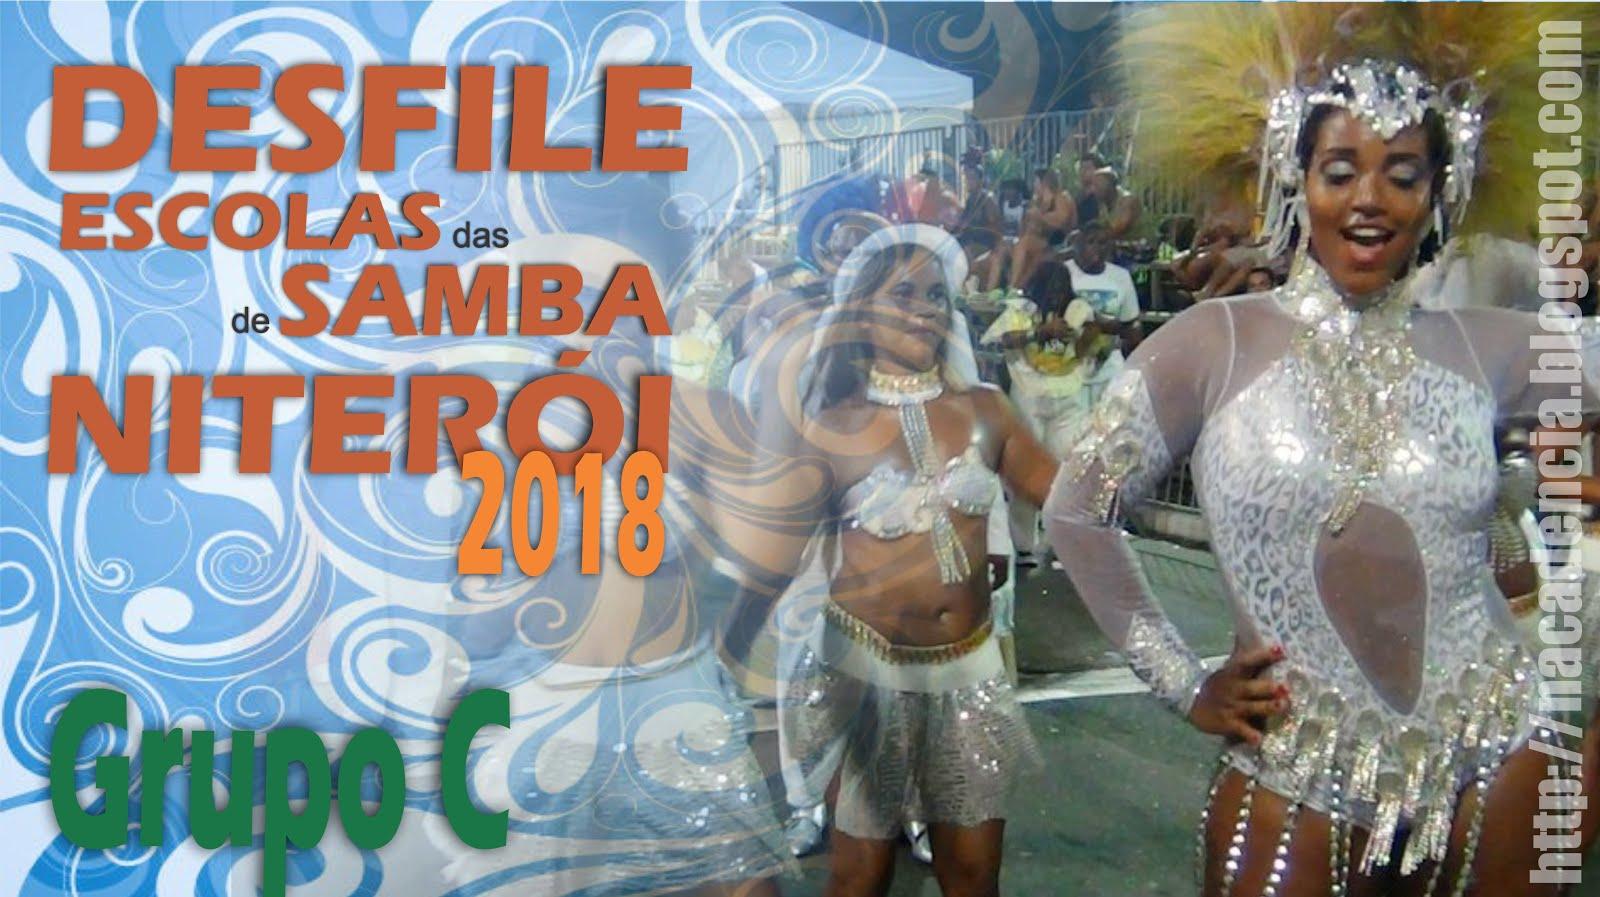 Carnaval de Niterói 2018 - Grupo C